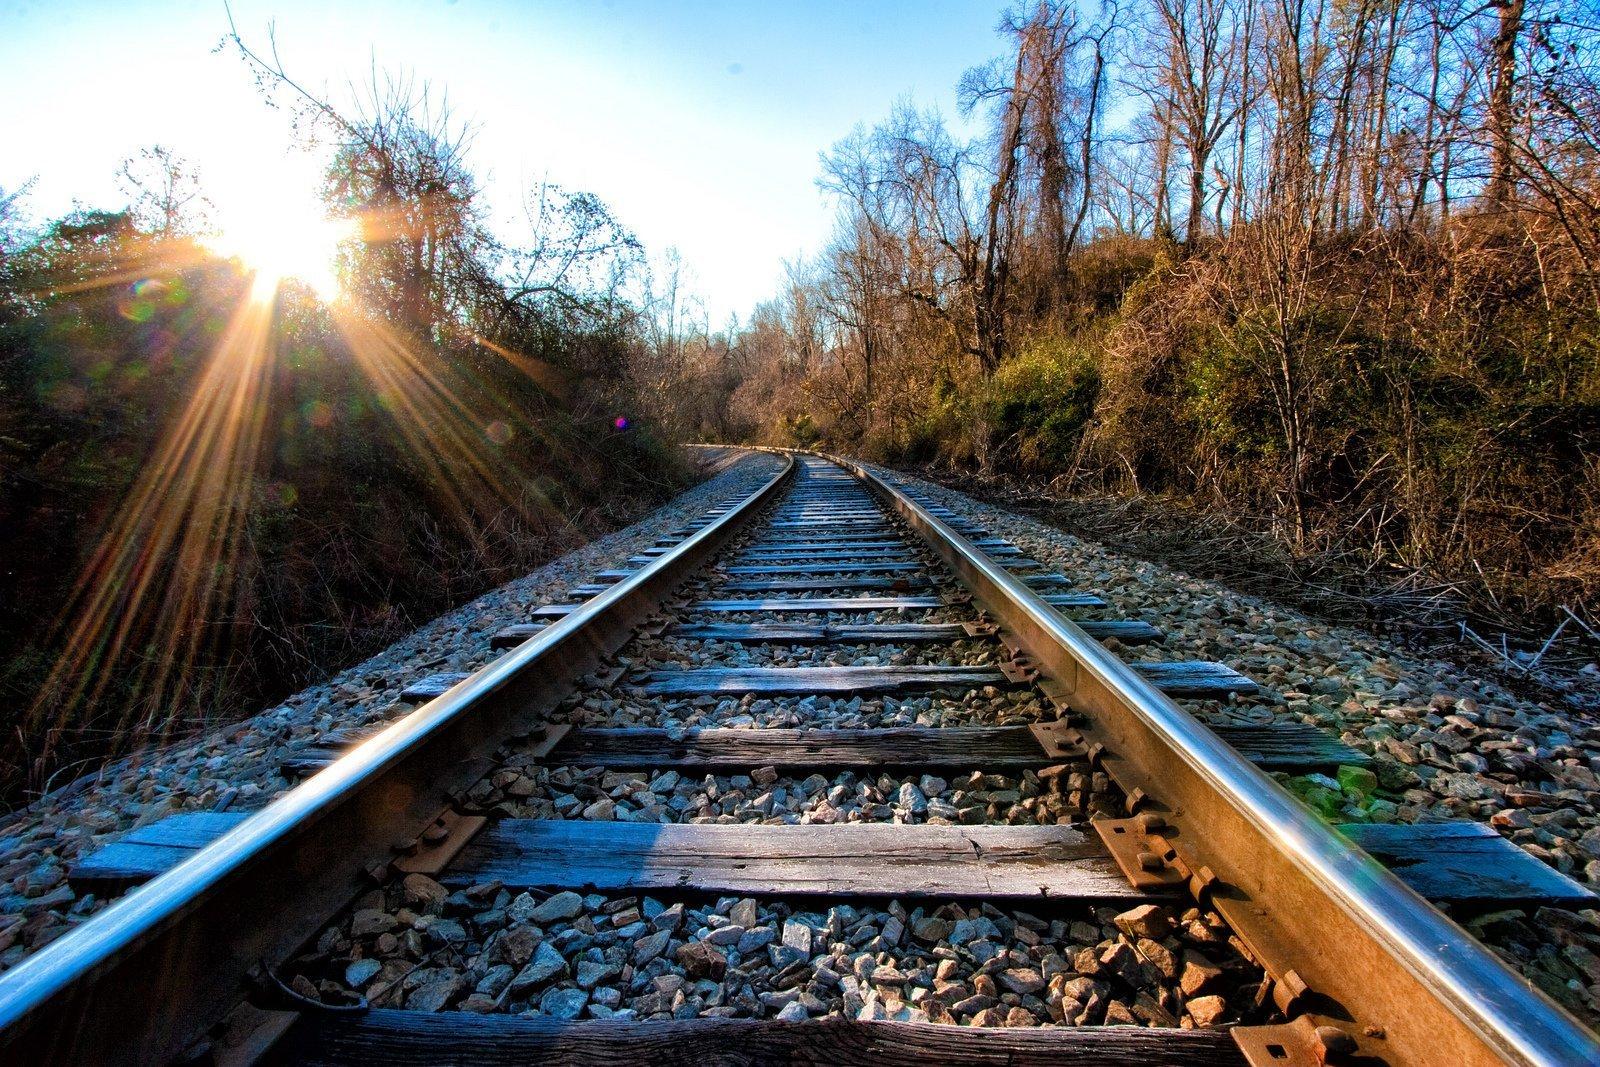 качественные фото железной дороги будет предложен